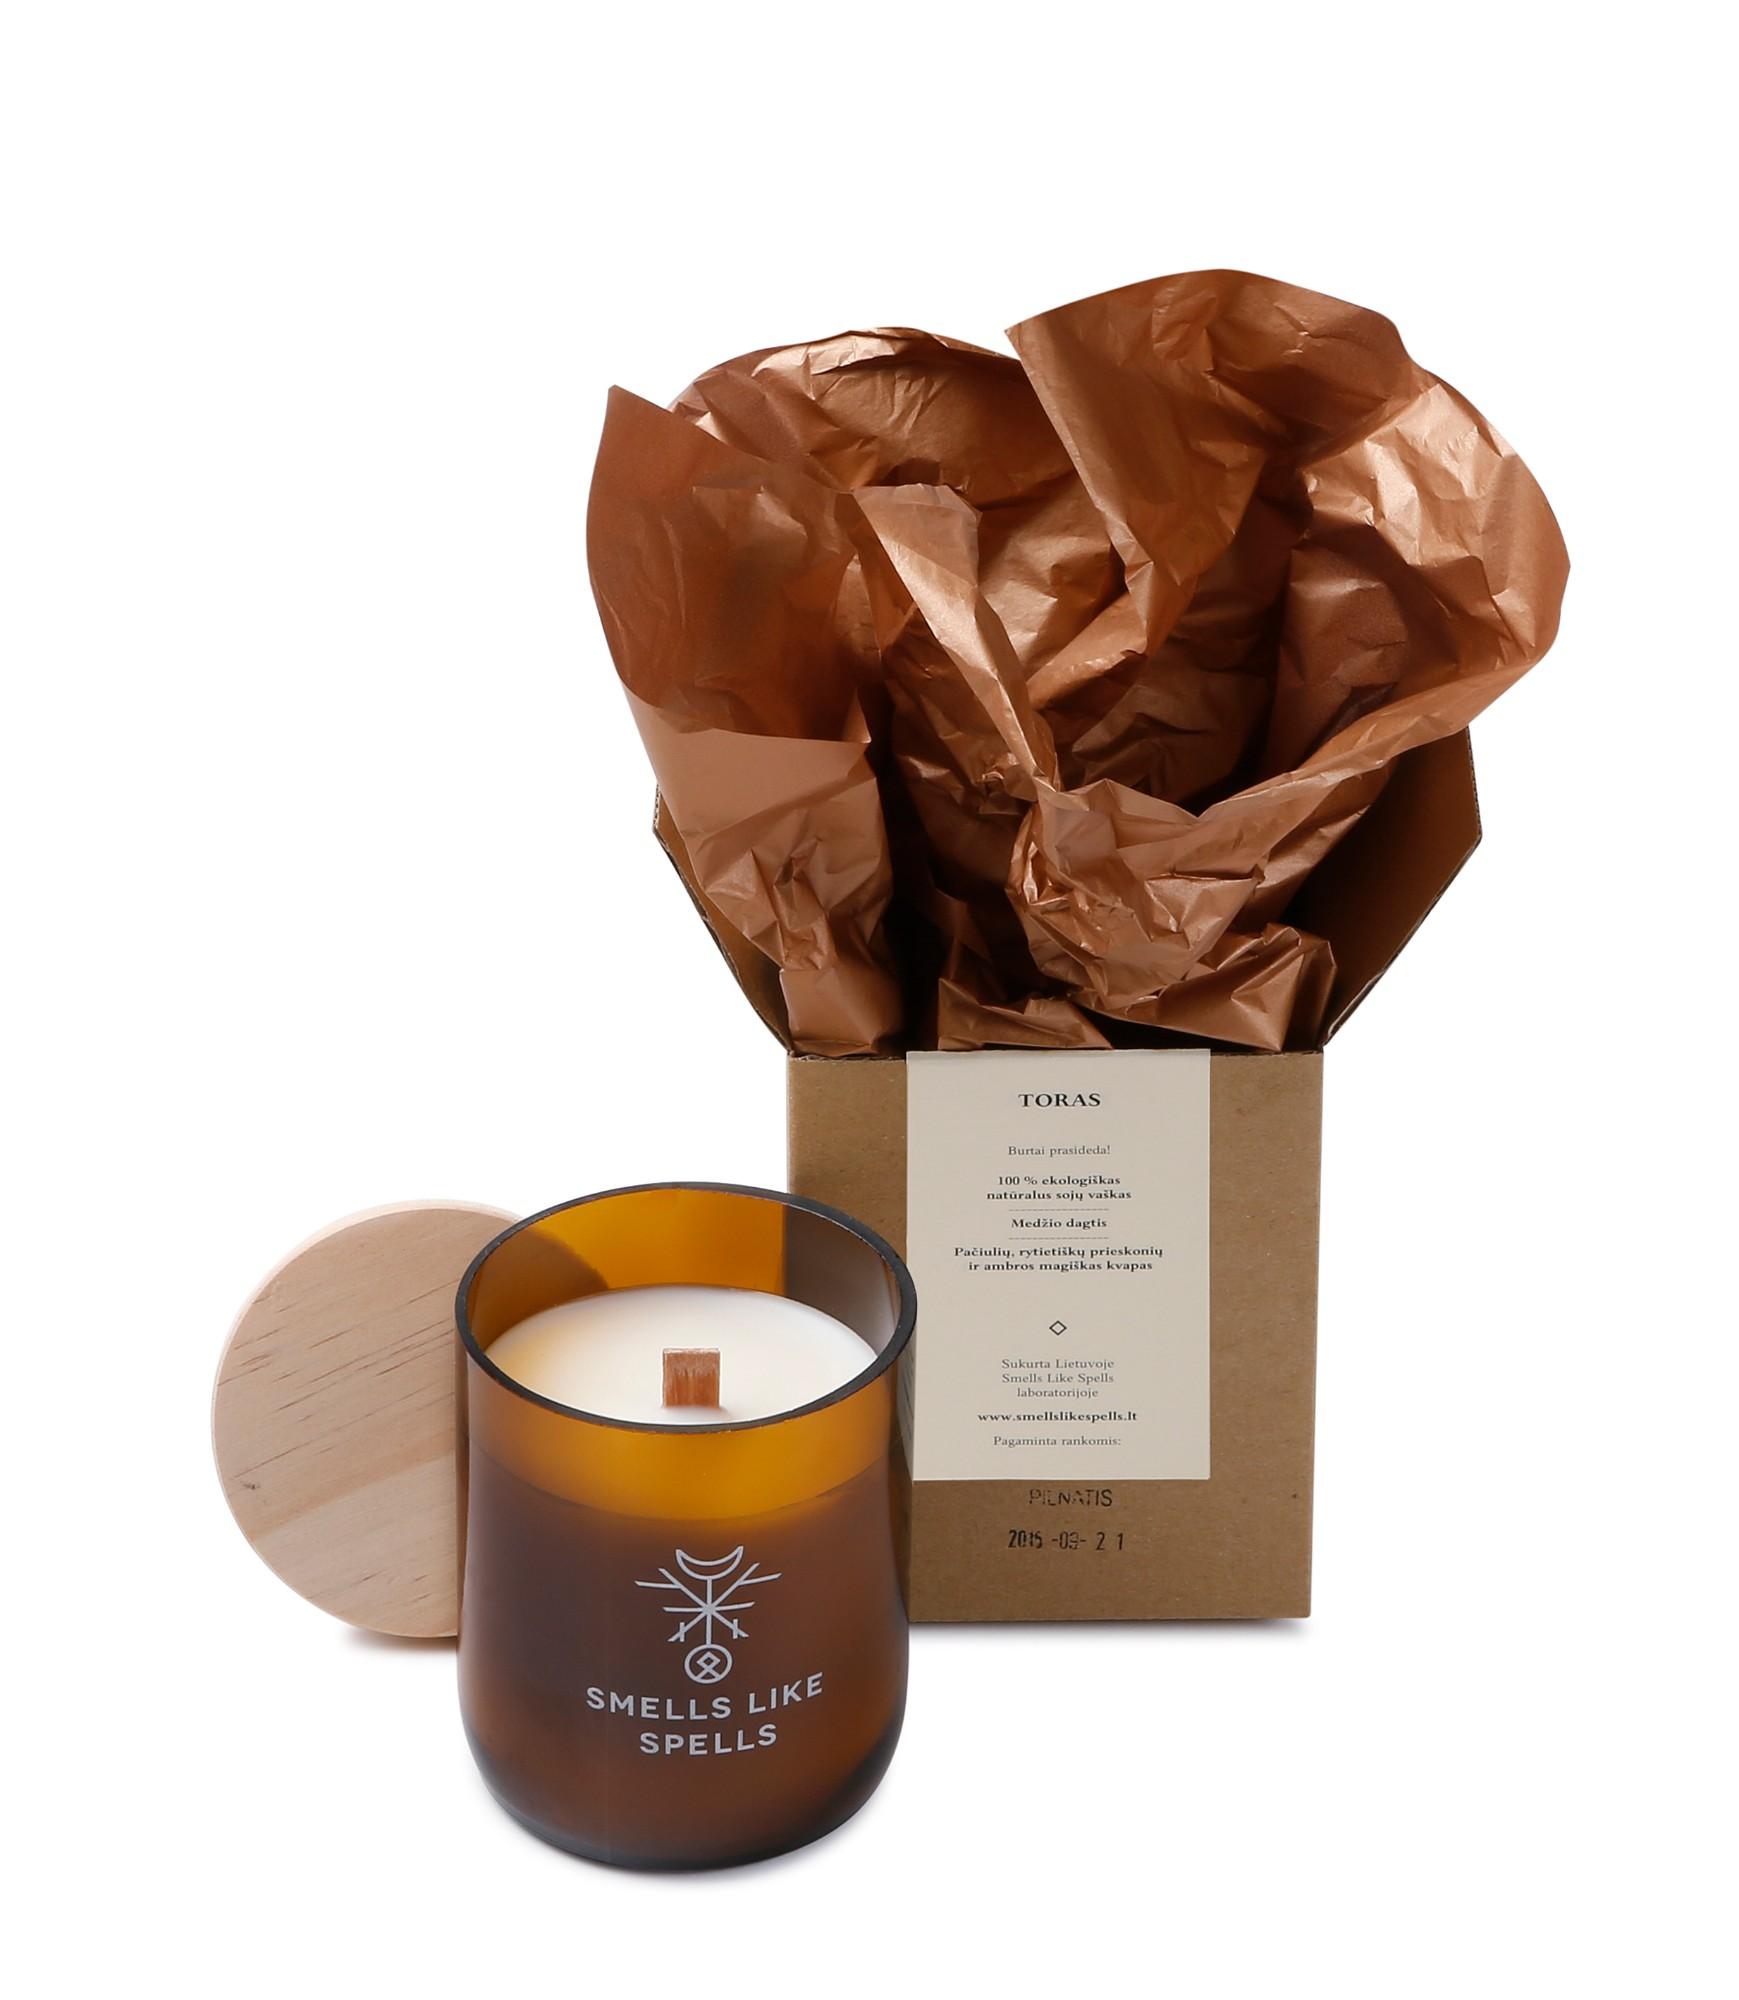 SMELLS LIKE SPELLS kvapioji žvakė TORAS  (Rytietiškų prieskonių, ambros ir pačiulių magiškas kvapas)